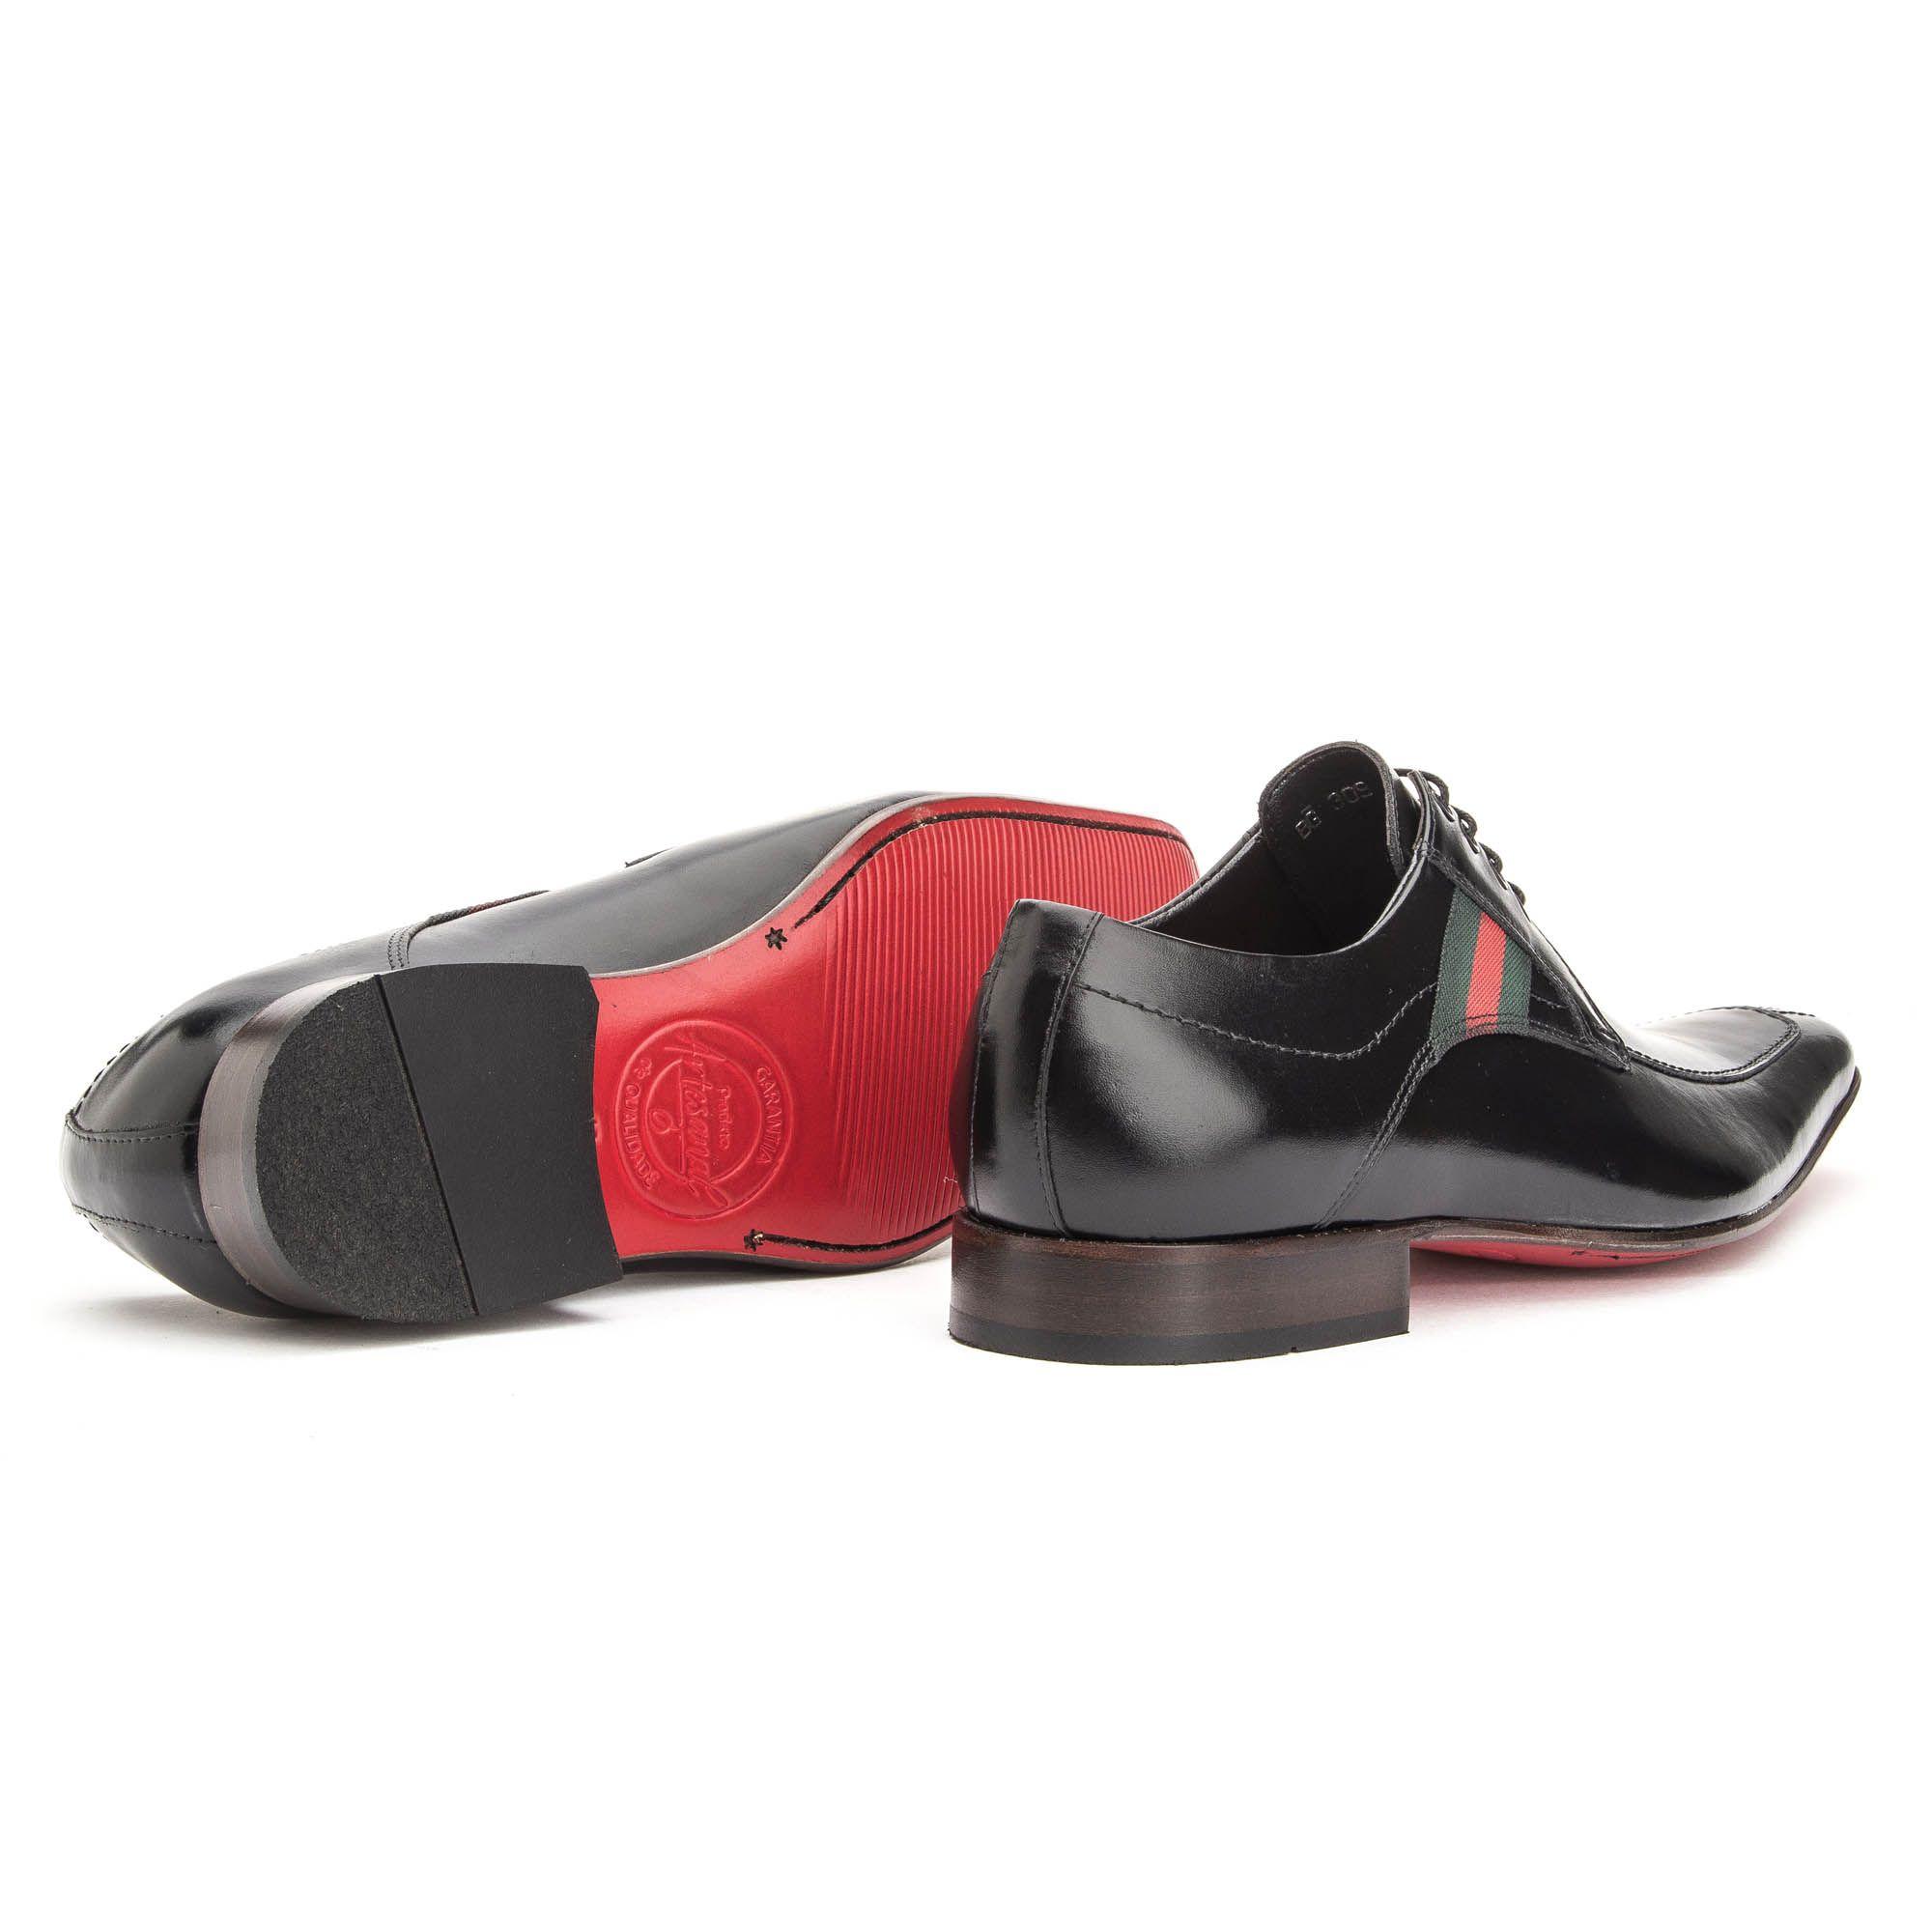 Sapato social masculino italiano em couro legítimo na cor preta com detalhes